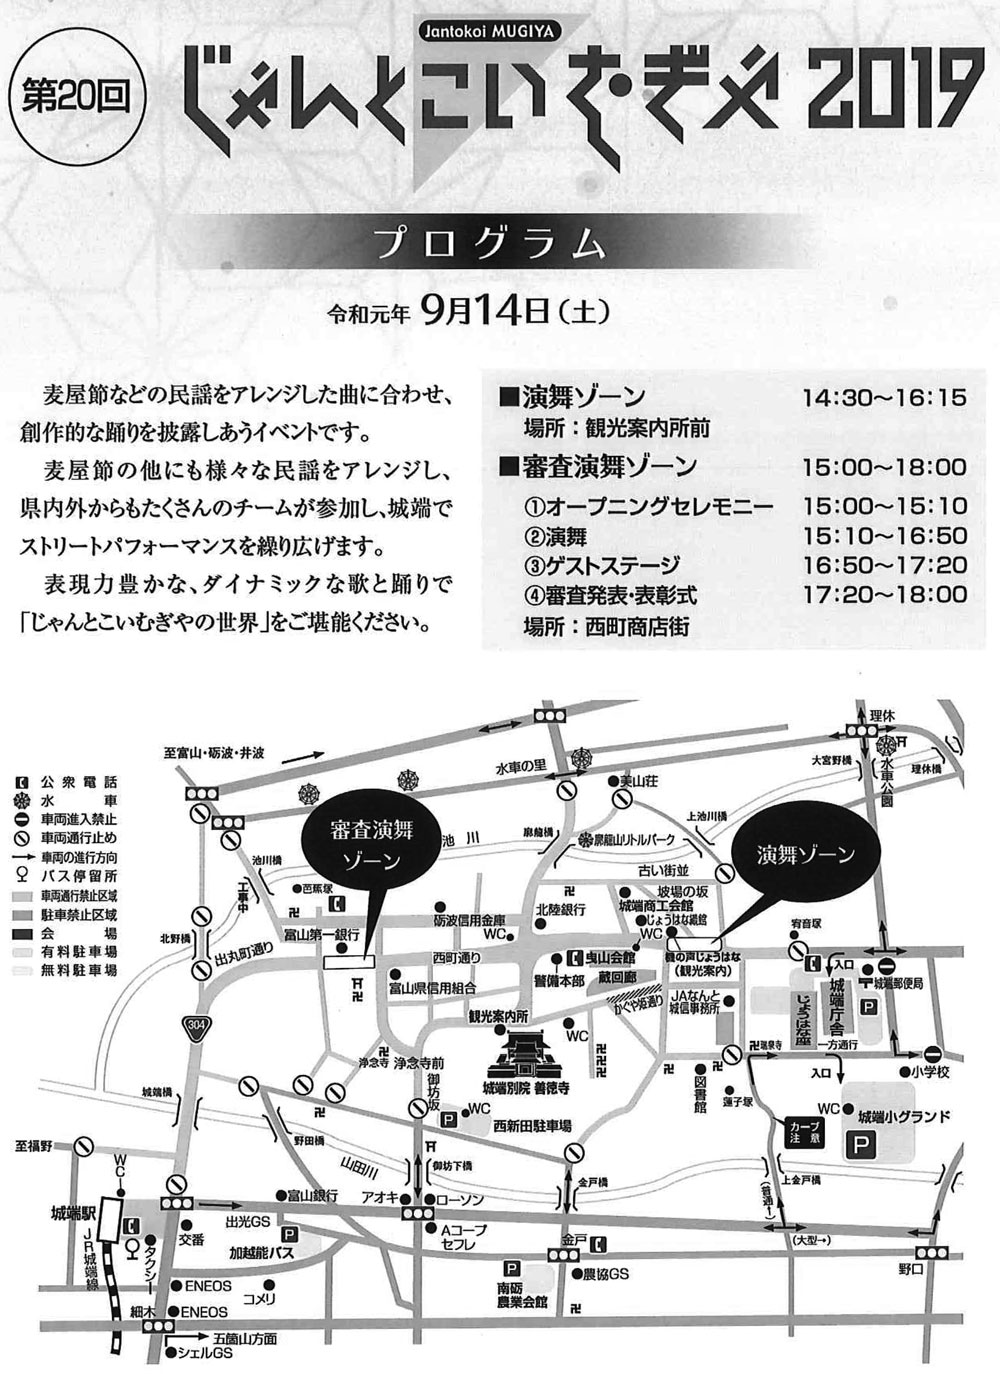 富山県南砺市城端の「第20回じゃんとこいむぎや2019」の会場マップとプログラム